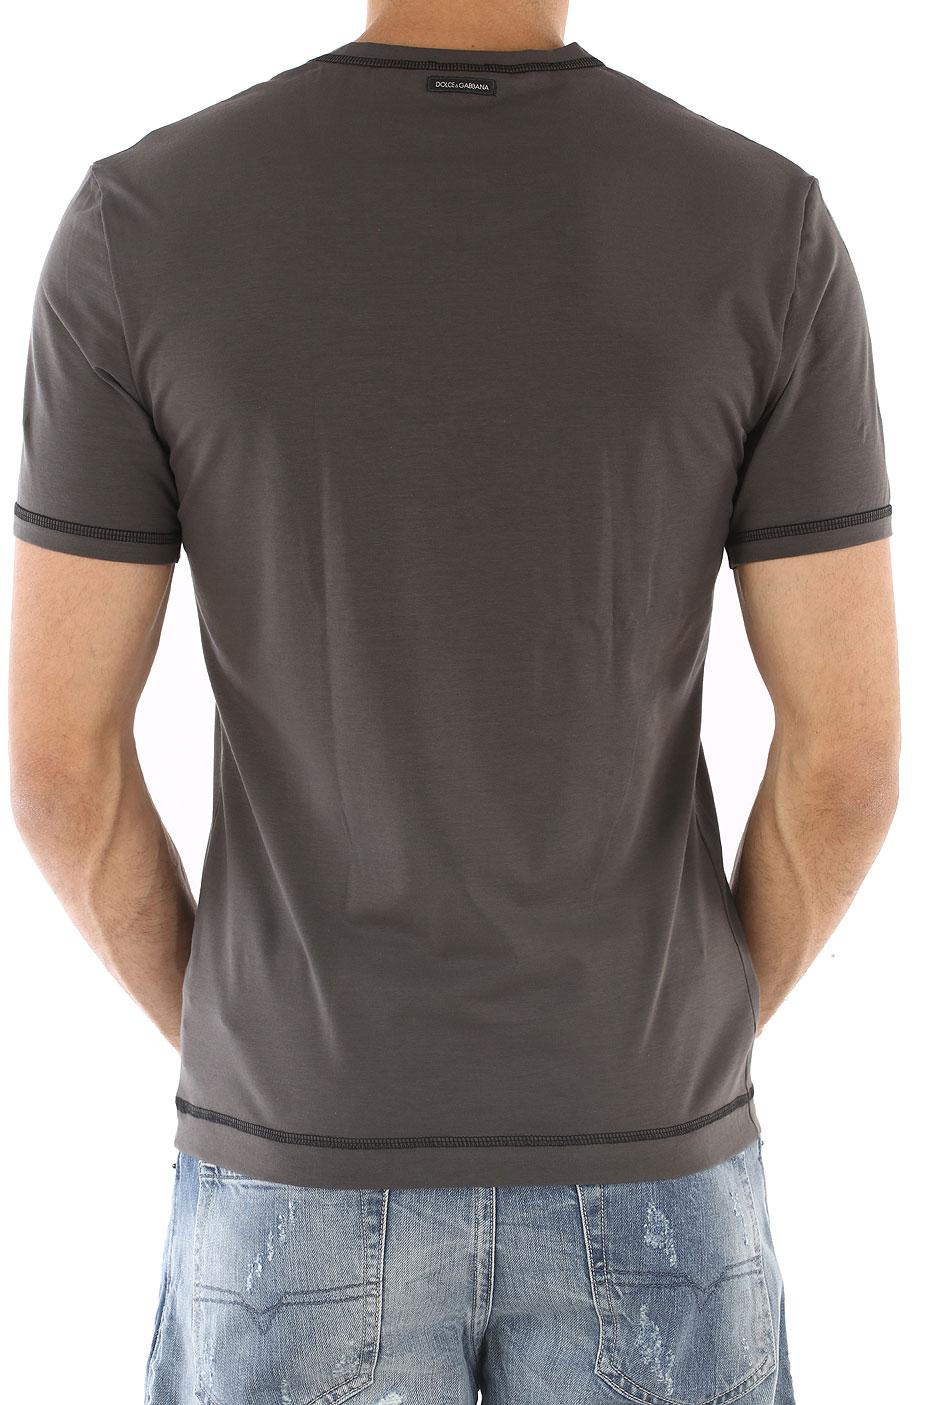 amp; Homme fugia Vêtements n1283 PièceN8b85j DouxNuméro De Gabbana DEbYWH9Ie2